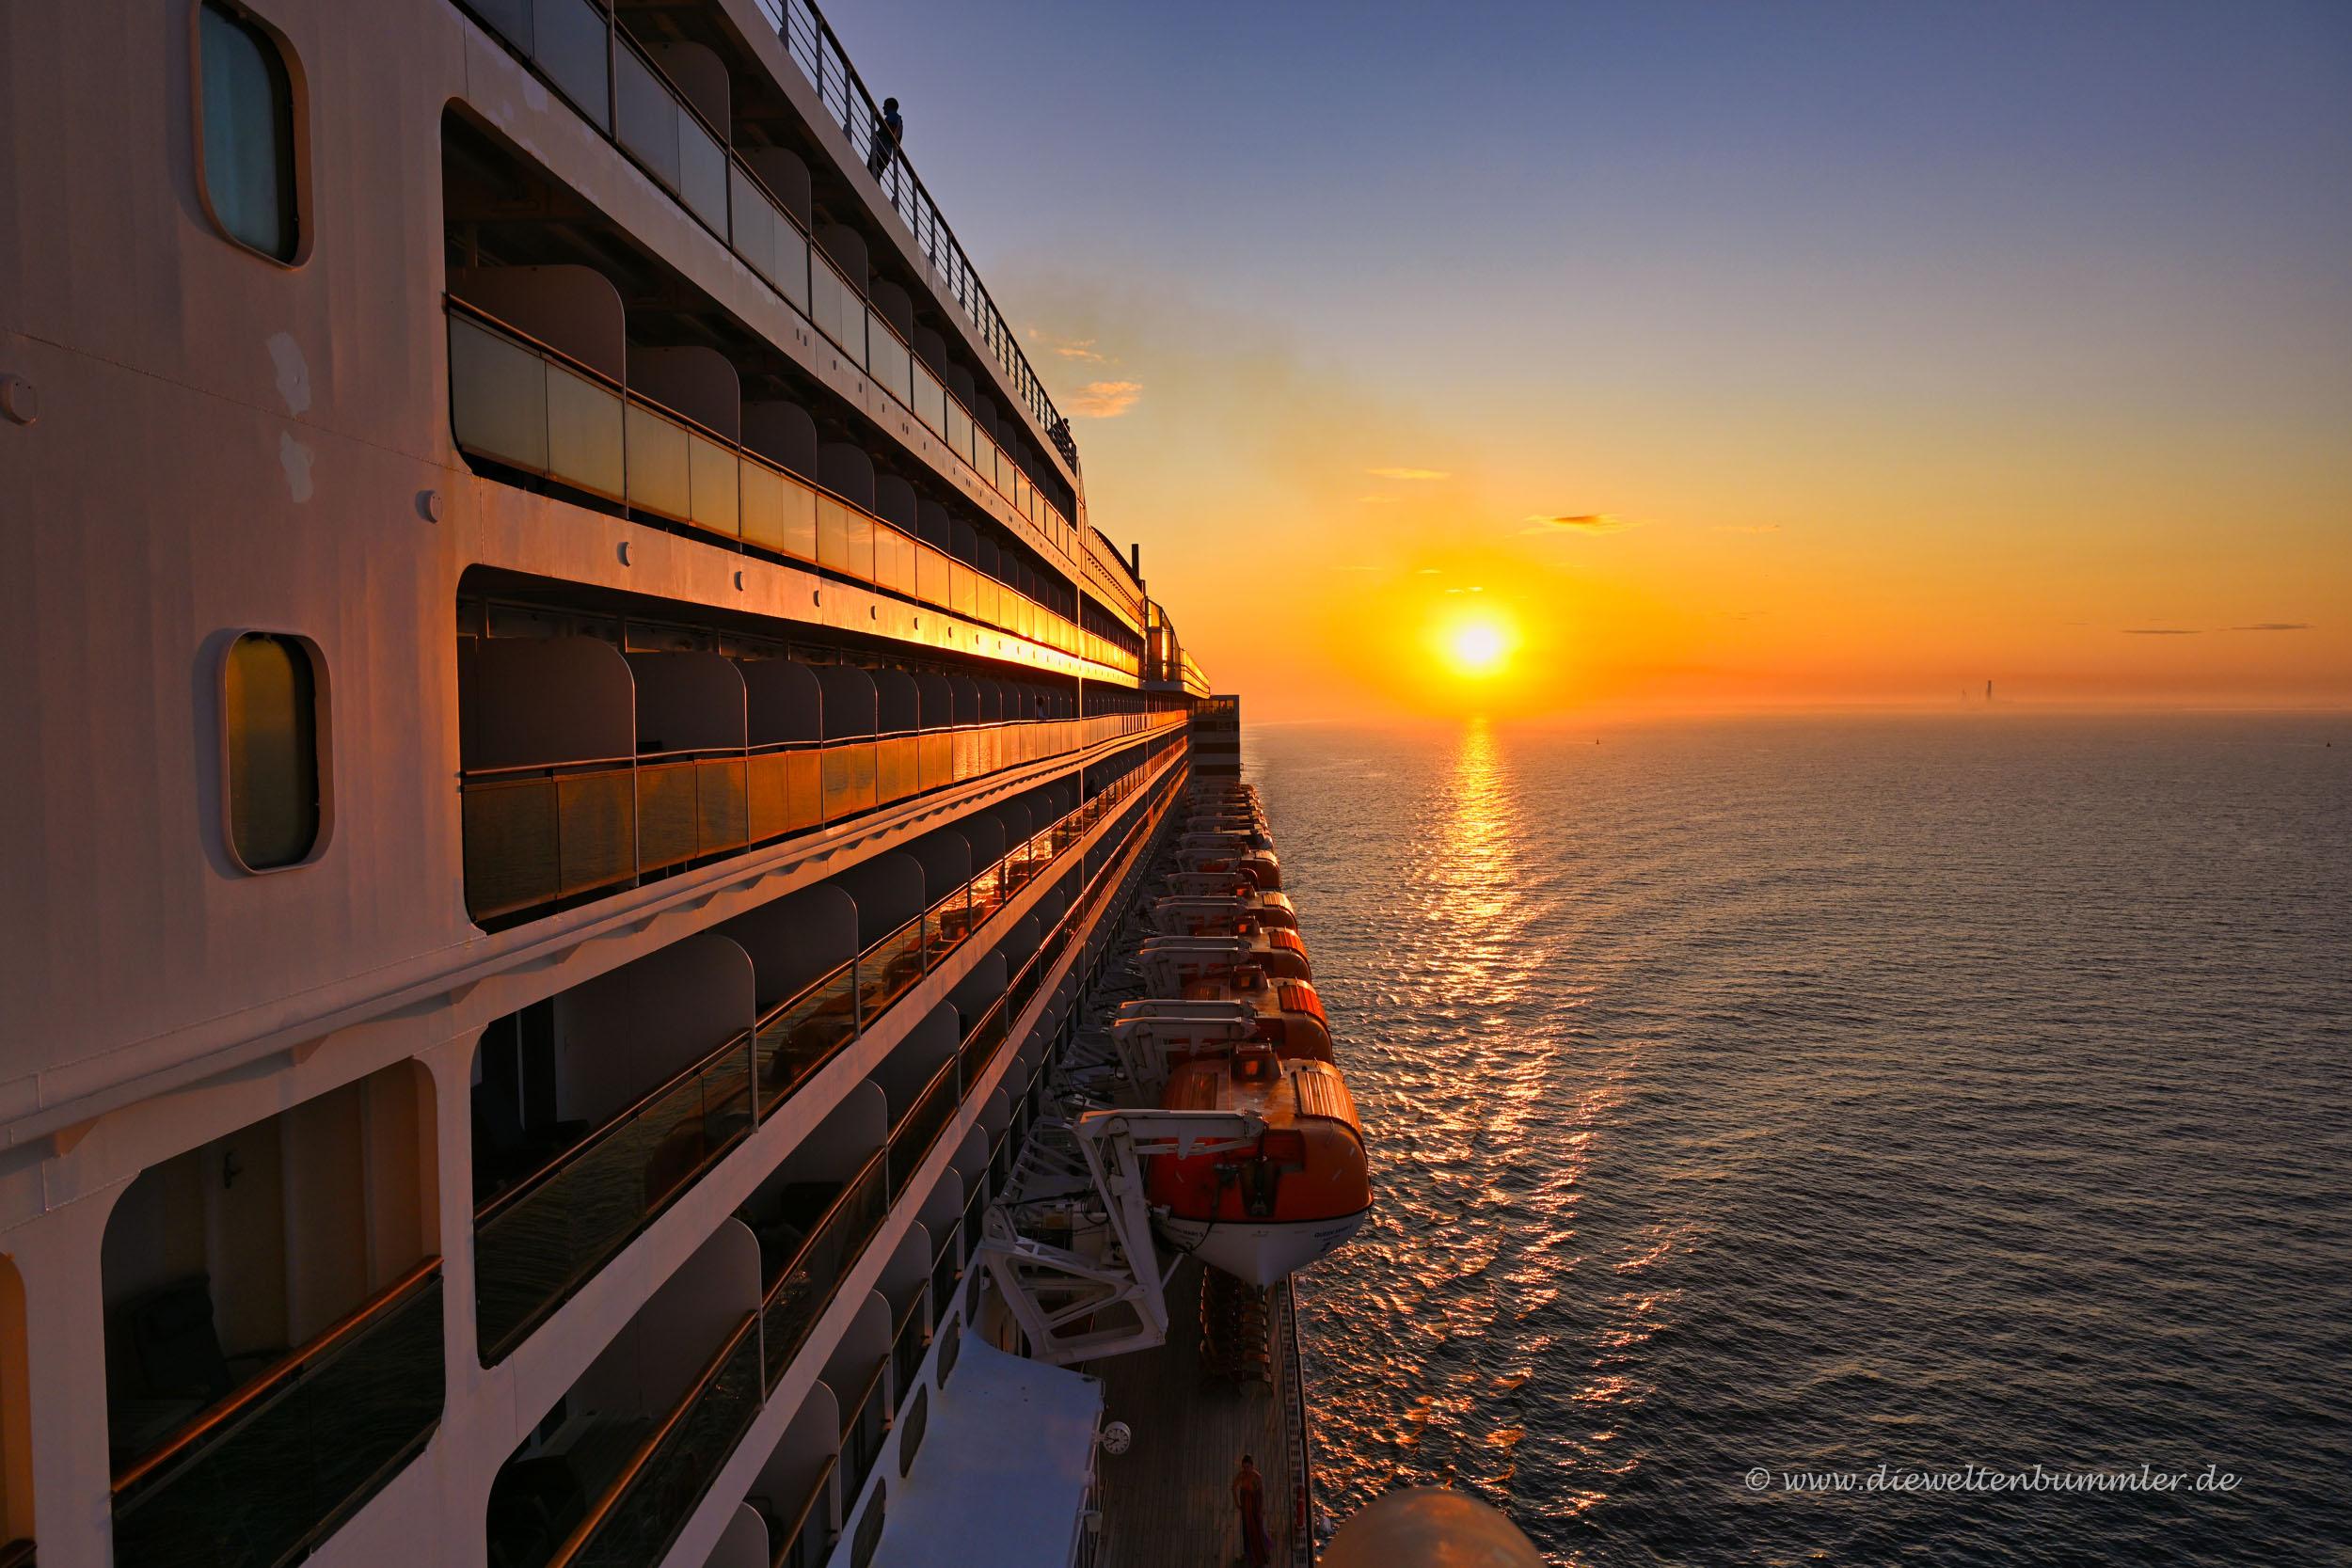 Sonnenuntergang bei Southampton